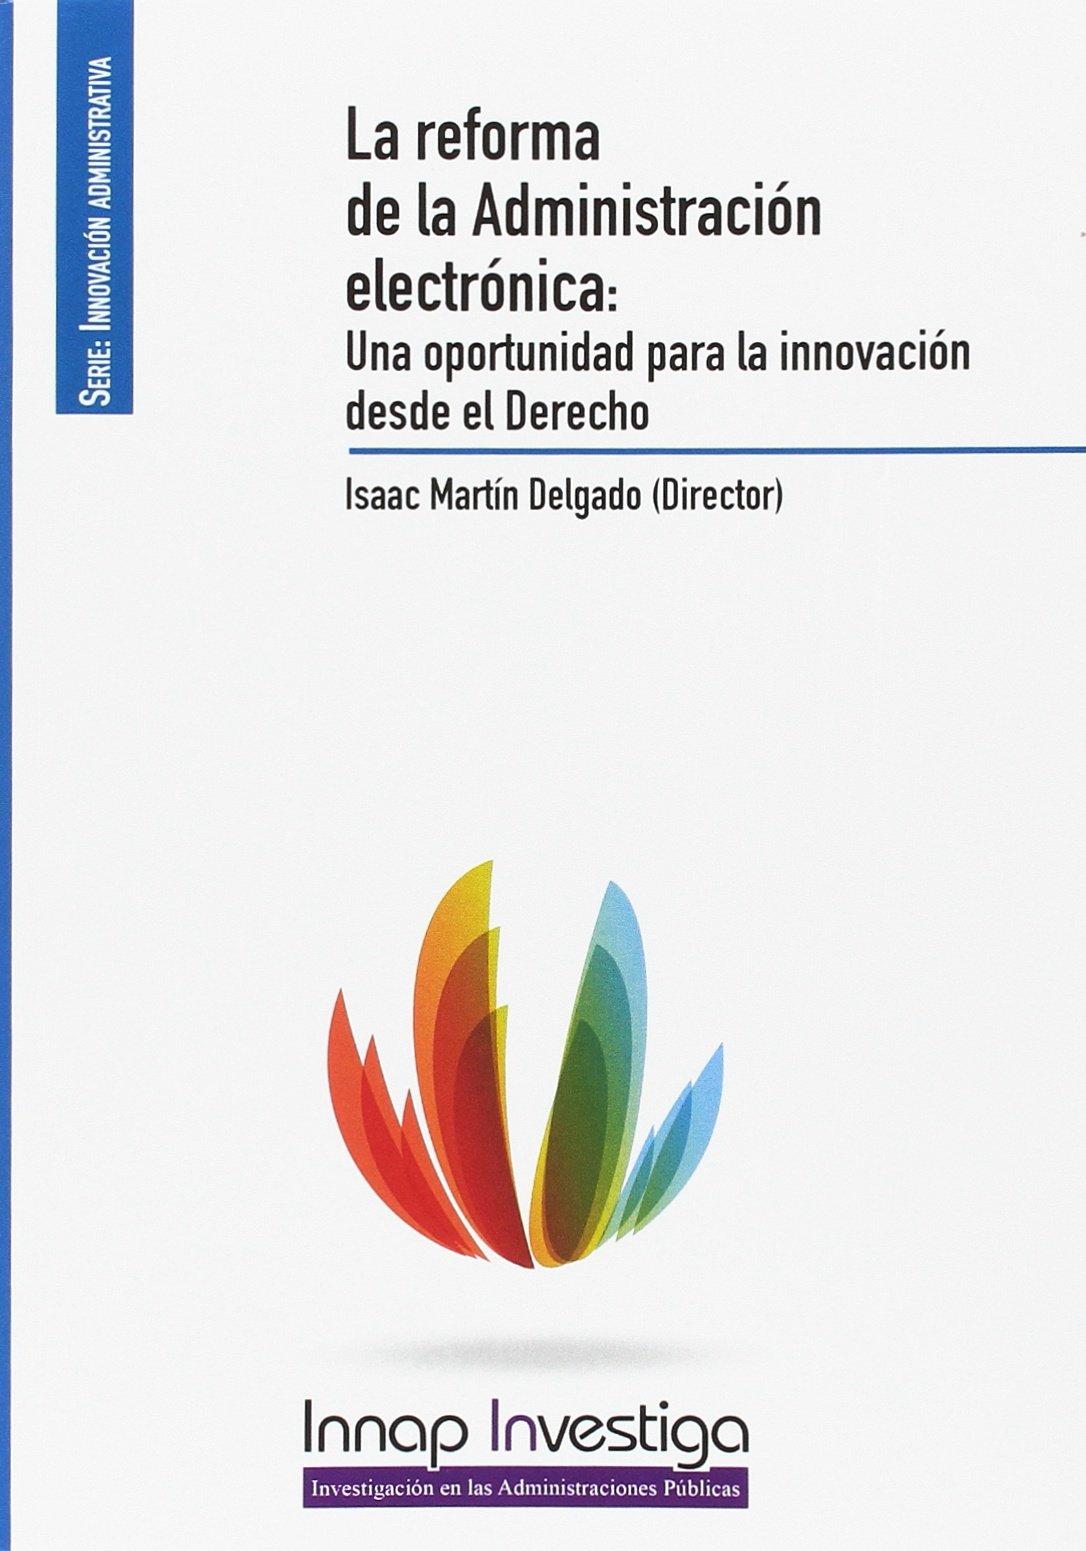 La reforma de la Administración electrónica: Una oportunidad para la innovación desde el Derecho (Innap Investiga) Tapa blanda – 9 may 2017 Isaac Martín Delgadp 8473515757 Public administration